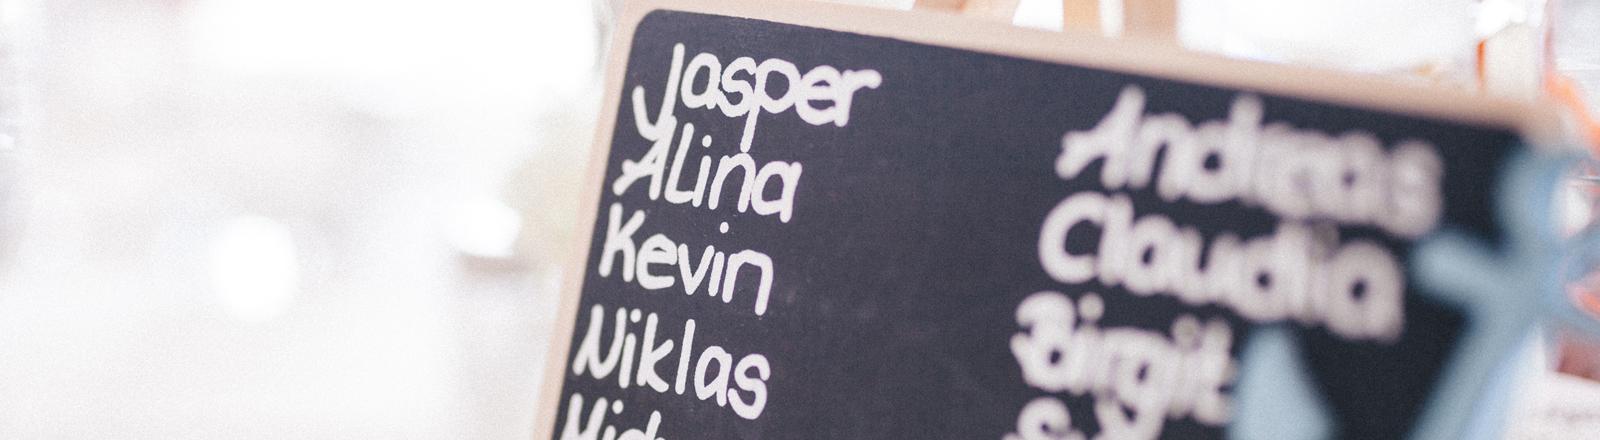 Auf einer Kreidetafel stehen verschiedene Namen.